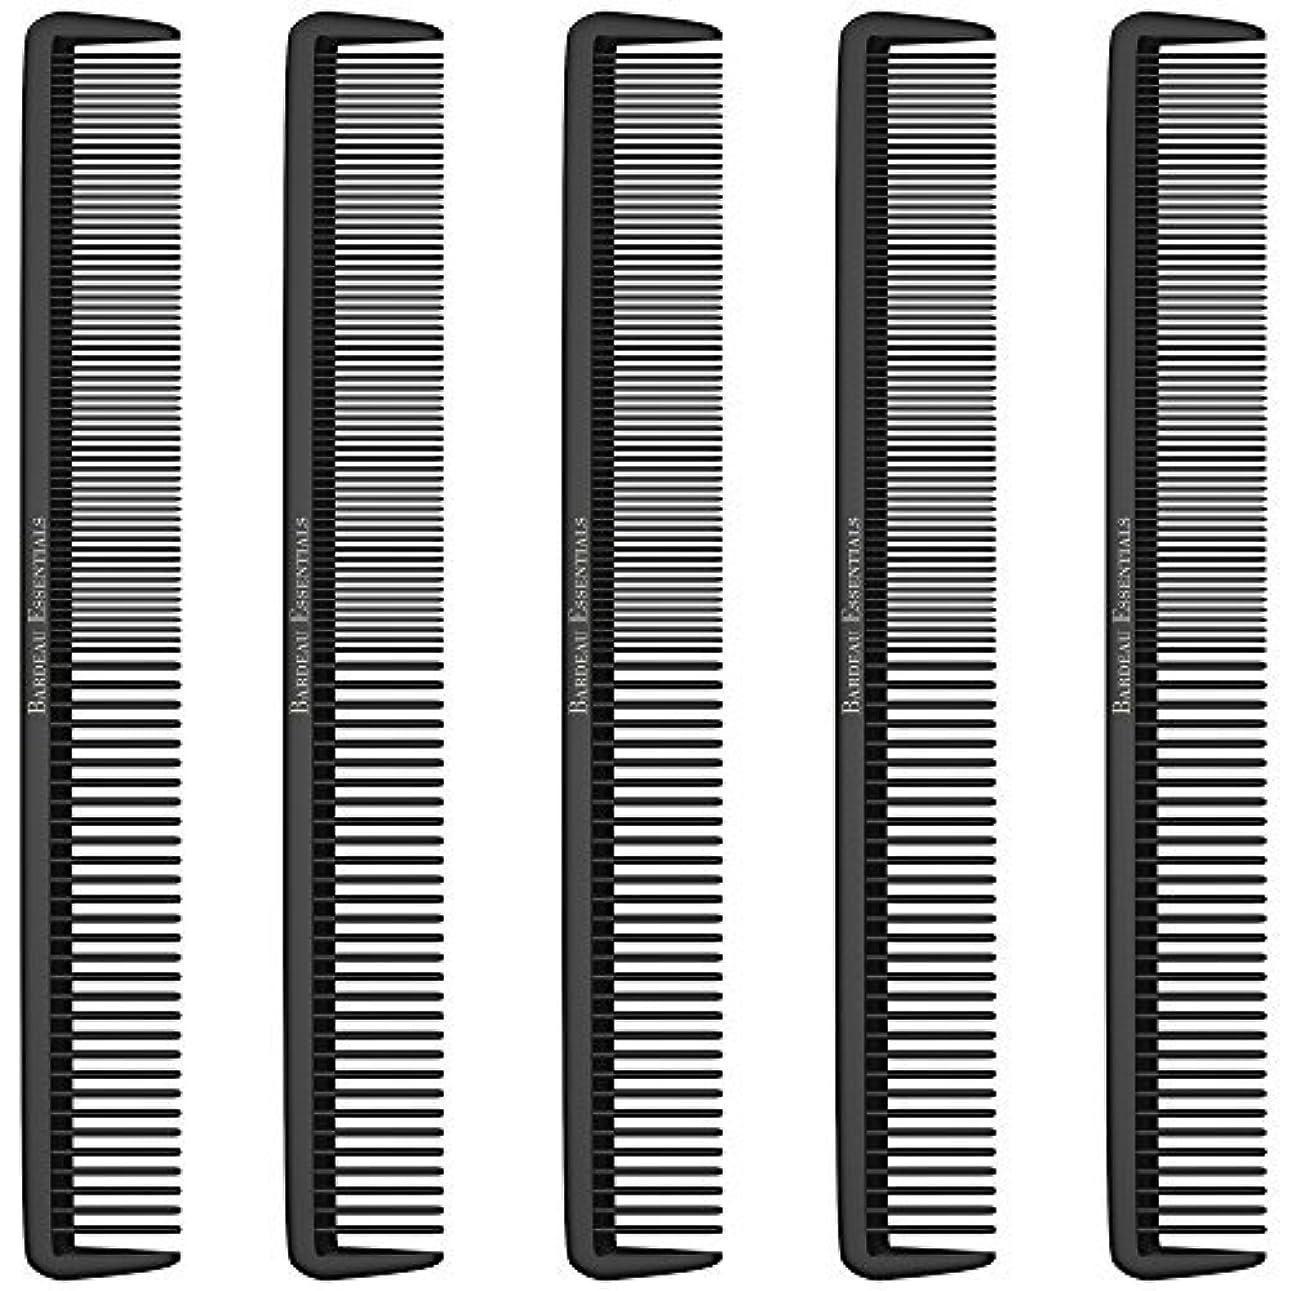 連続した通り抜ける凝視Styling Comb (5 Pack) - Professional 8.75  Black Carbon Fiber Anti Static Chemical And Heat Resistant Hair Combs...